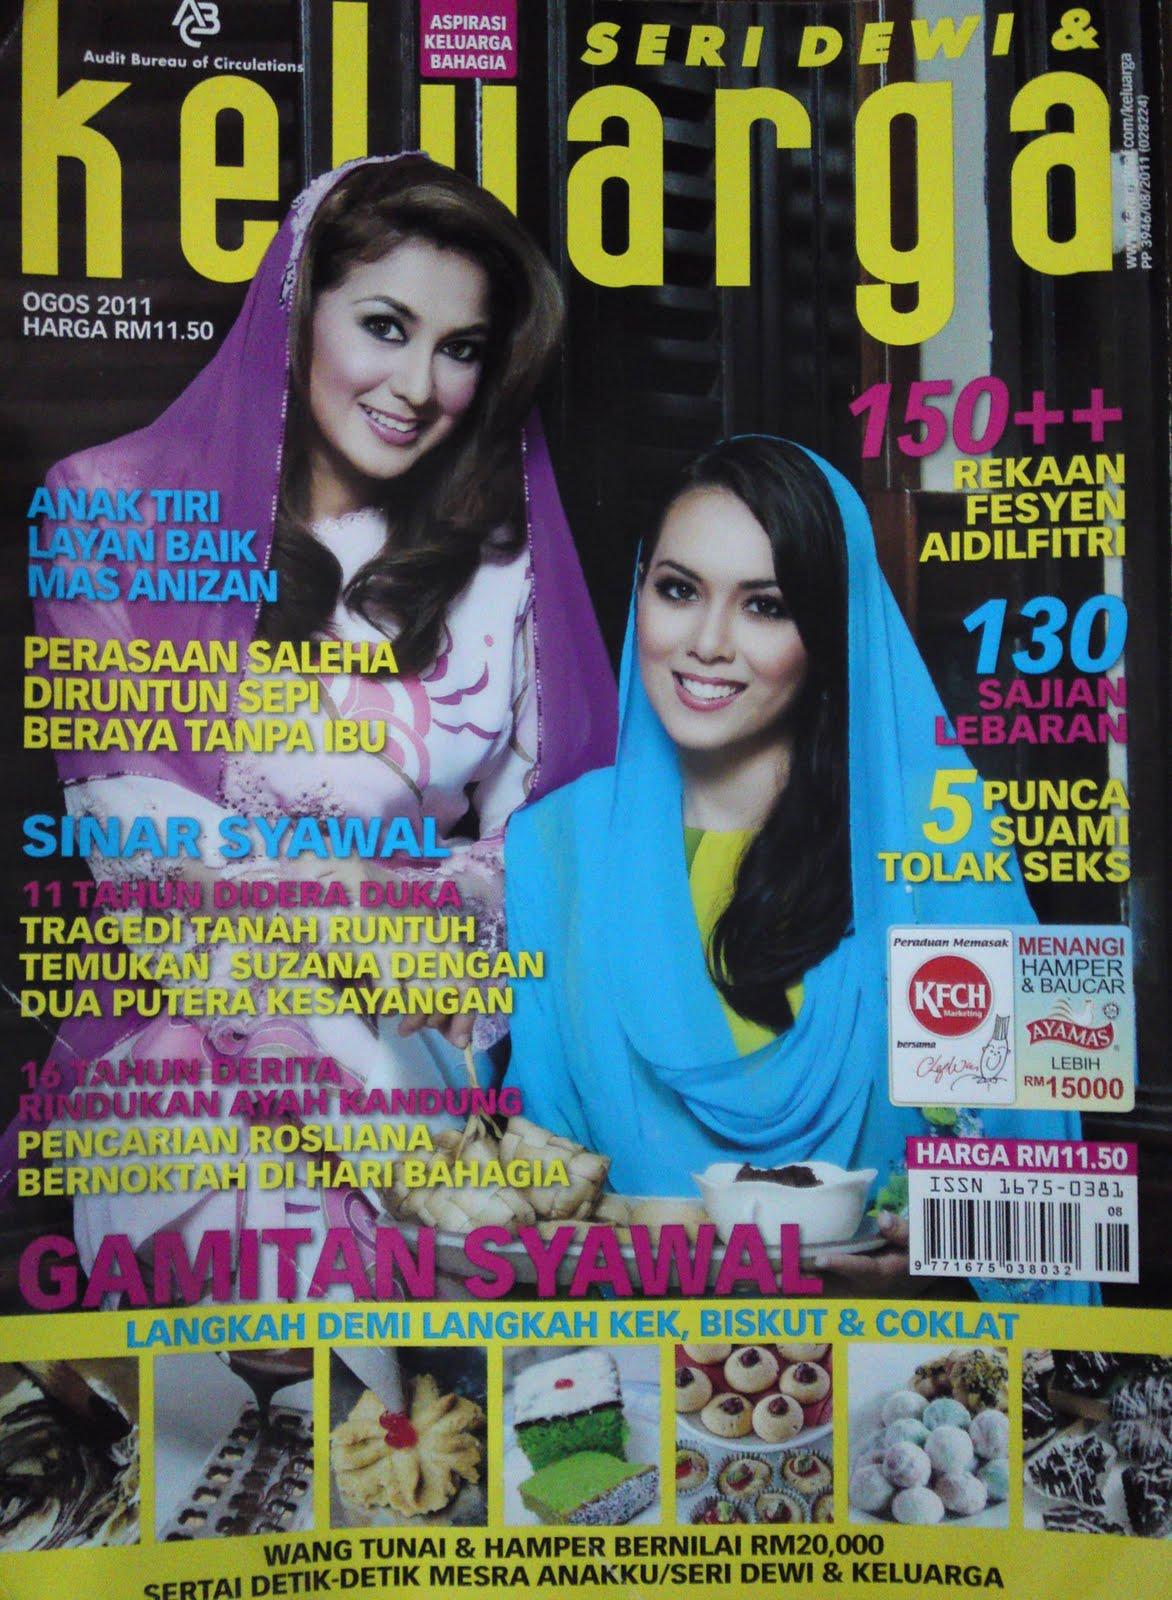 Majalah Seri Dewi  Keluarga  MAGAZINES SITES